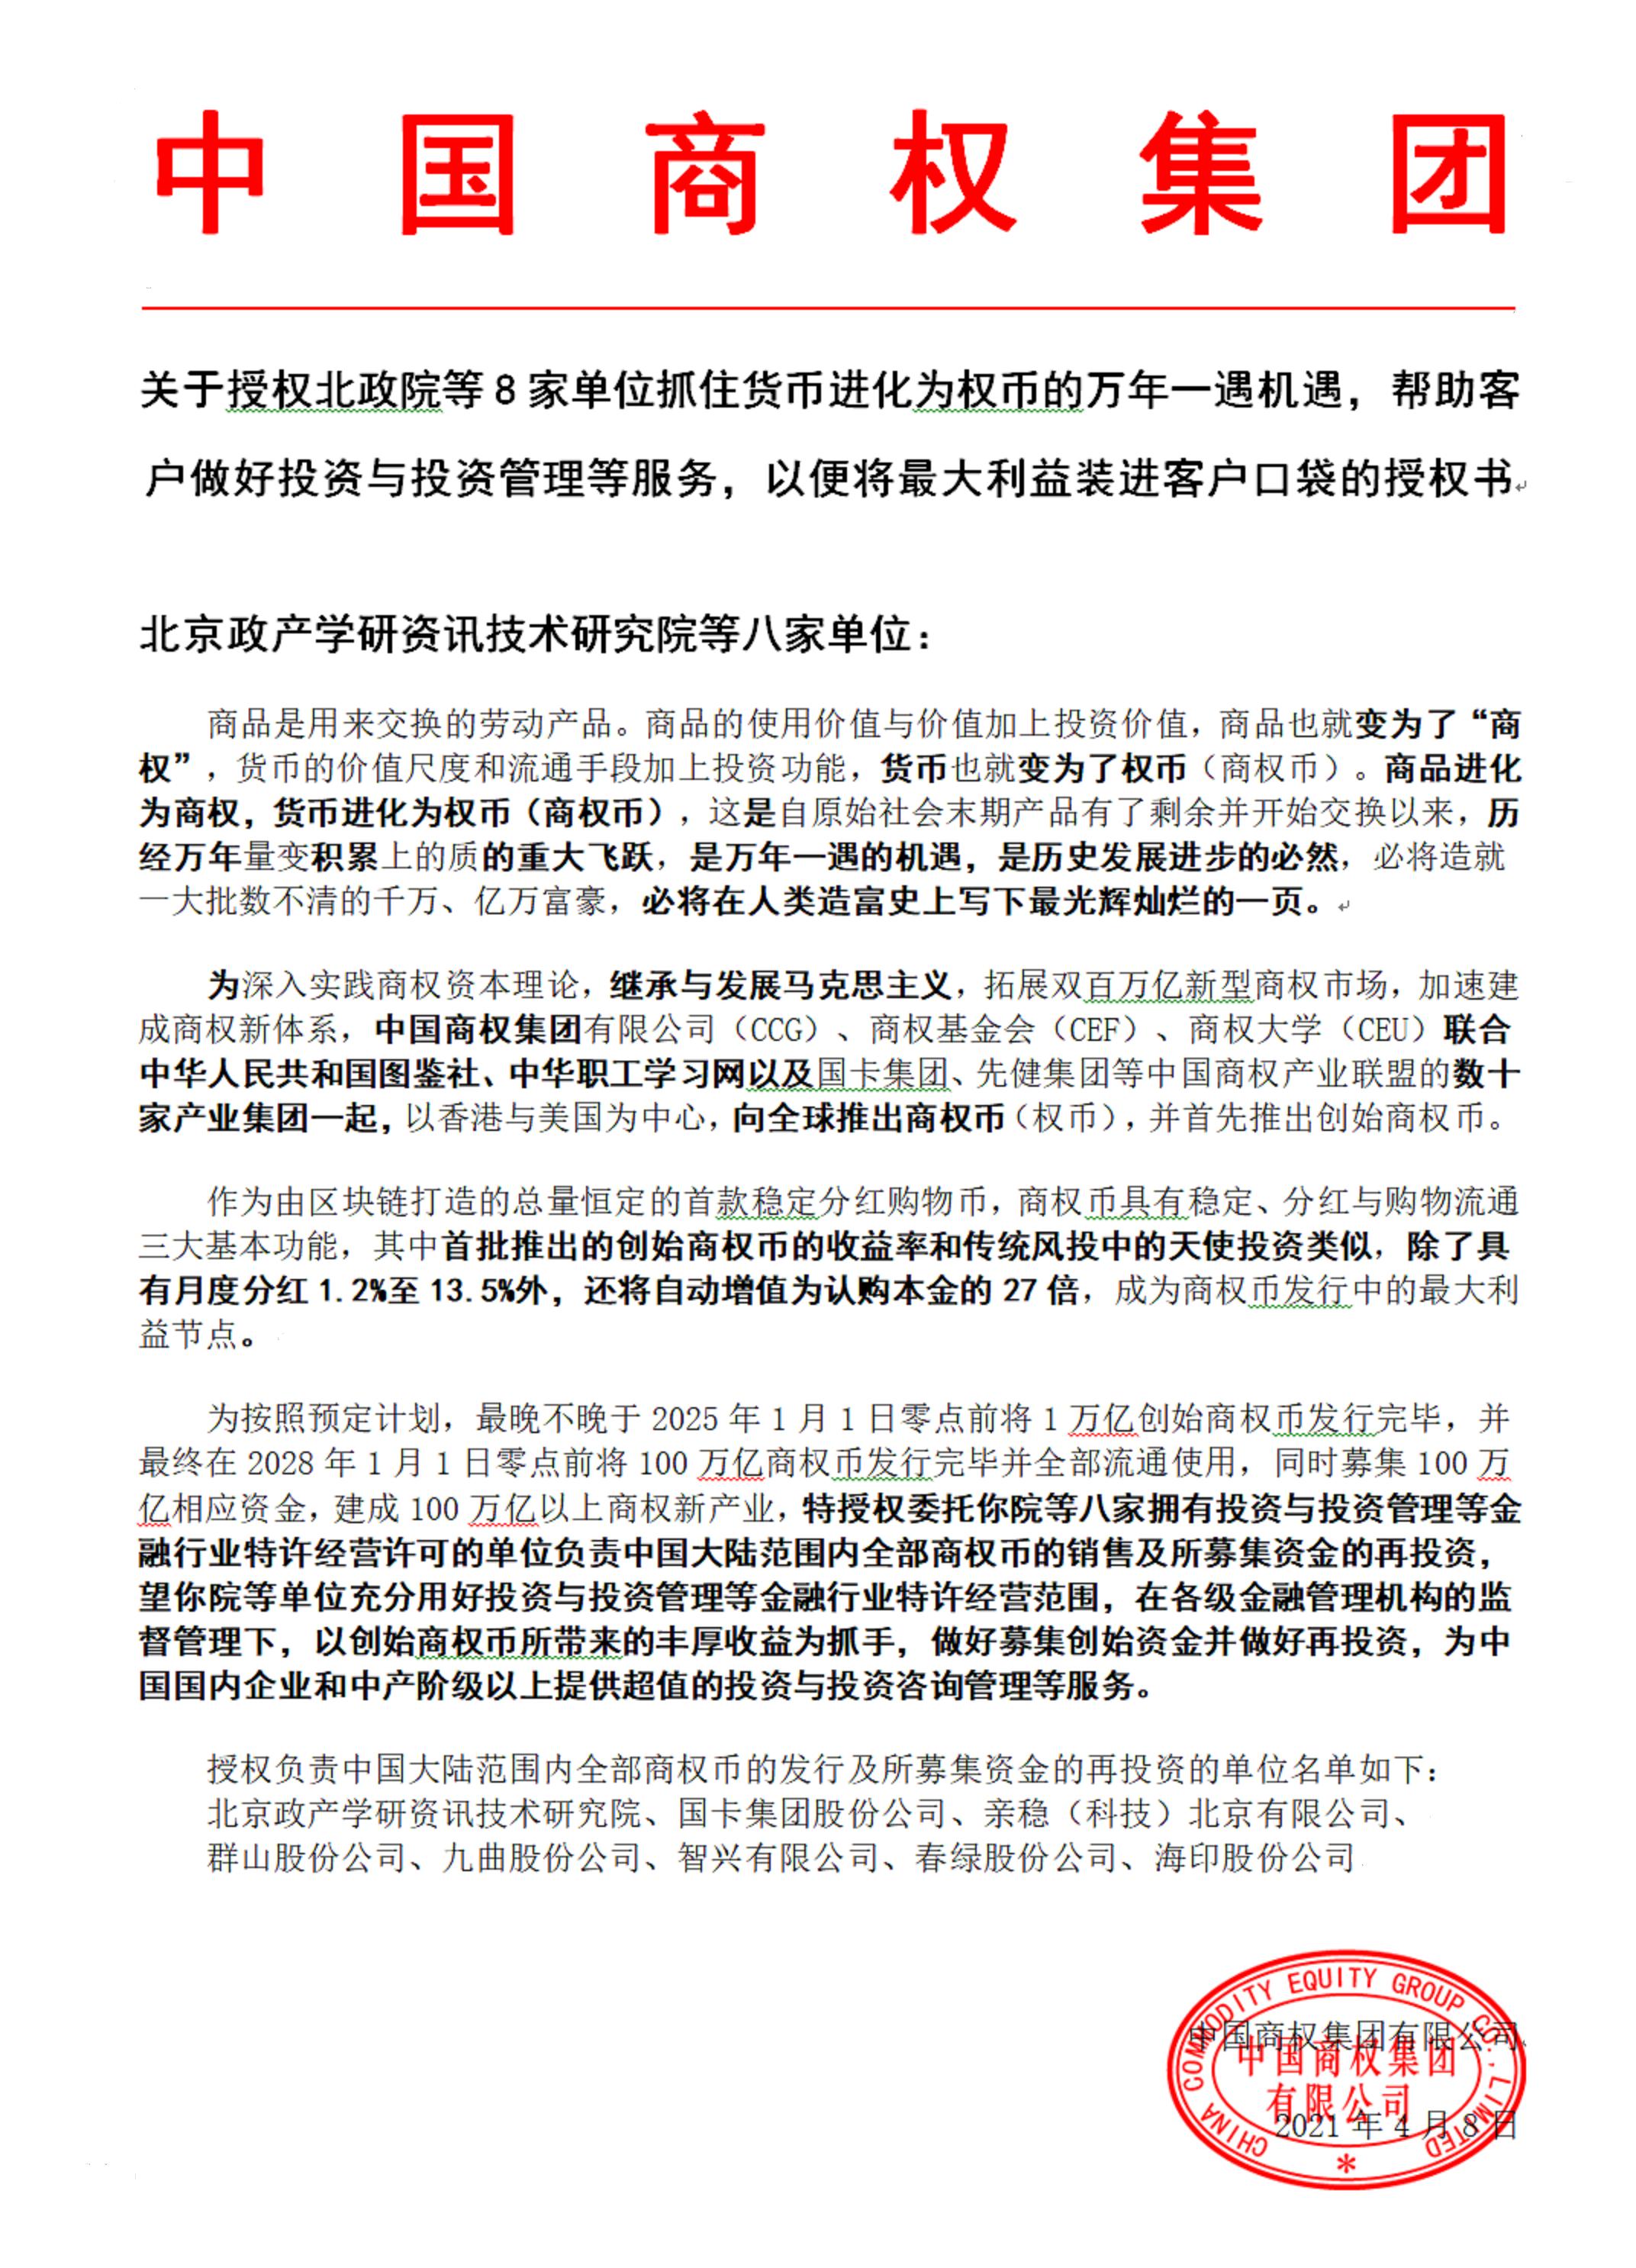 中国商权集团授权委托书